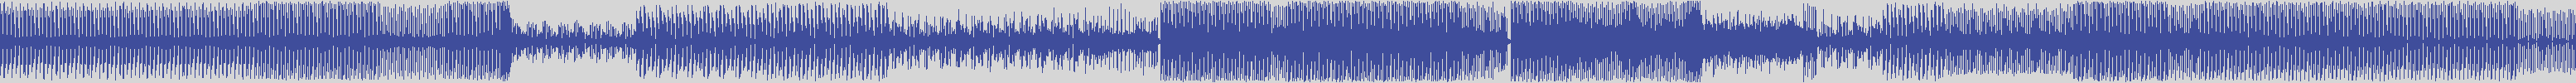 bunny_clan [BYC010] Raffaele Ciavolino - Daisy Jazz [Original Mix] audio wave form